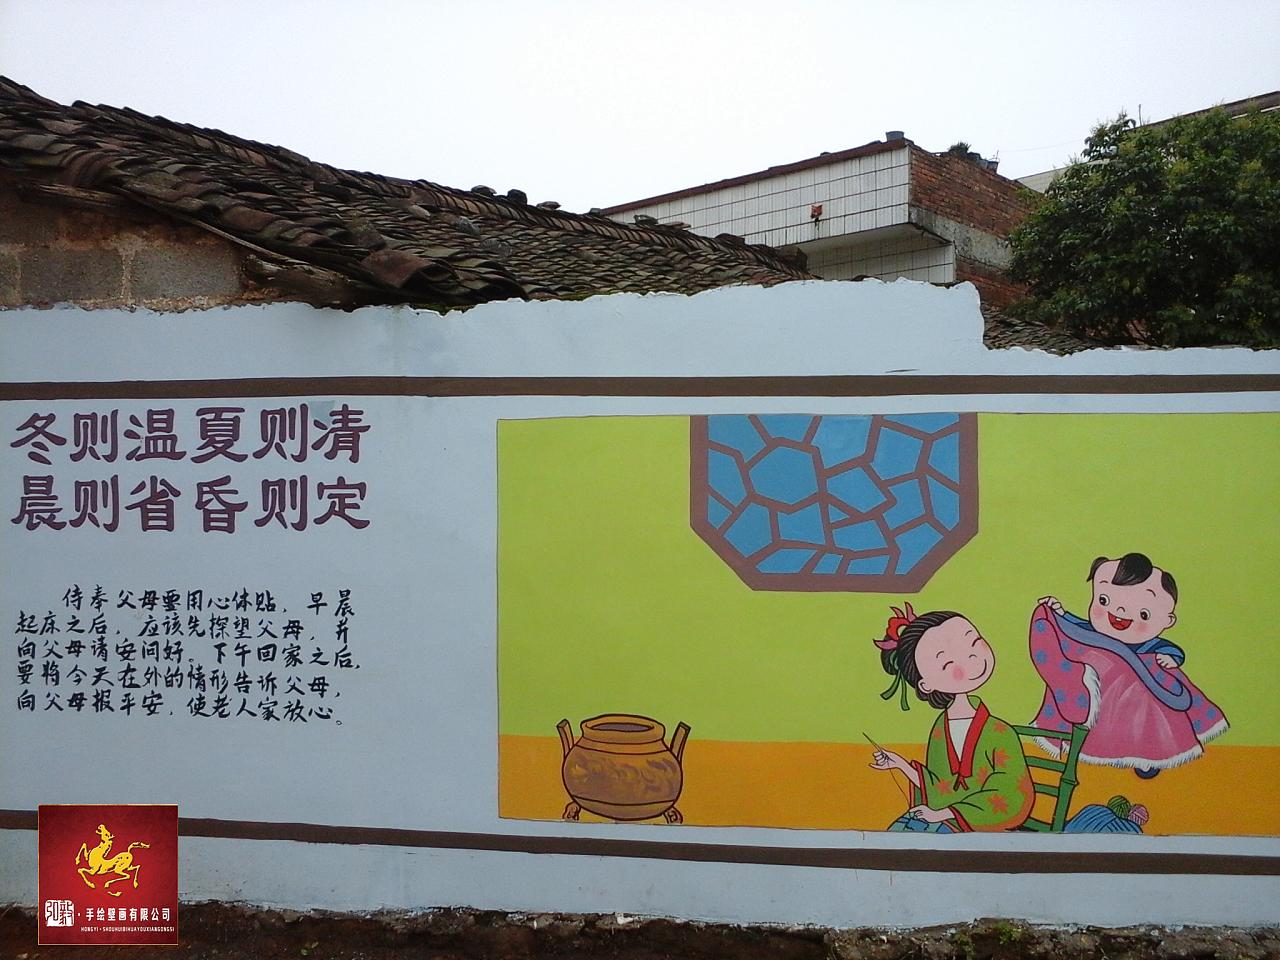 手绘壁画作品之《经典国学》|其他|墙绘/立体画|弘毅